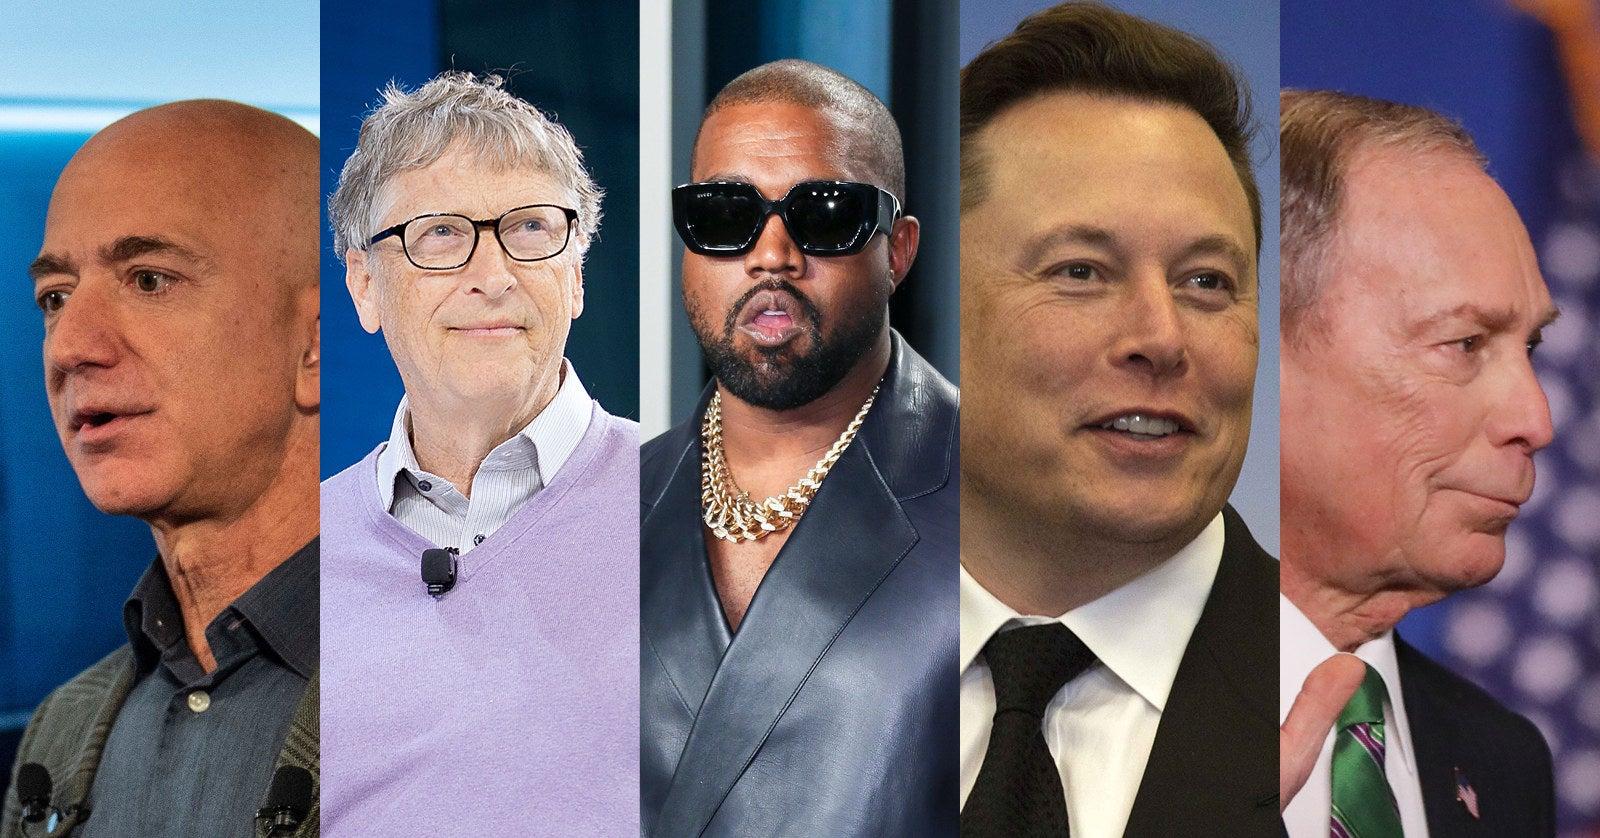 Hackearon cuentas de Twitter de multimillonarios para estafar a la gente